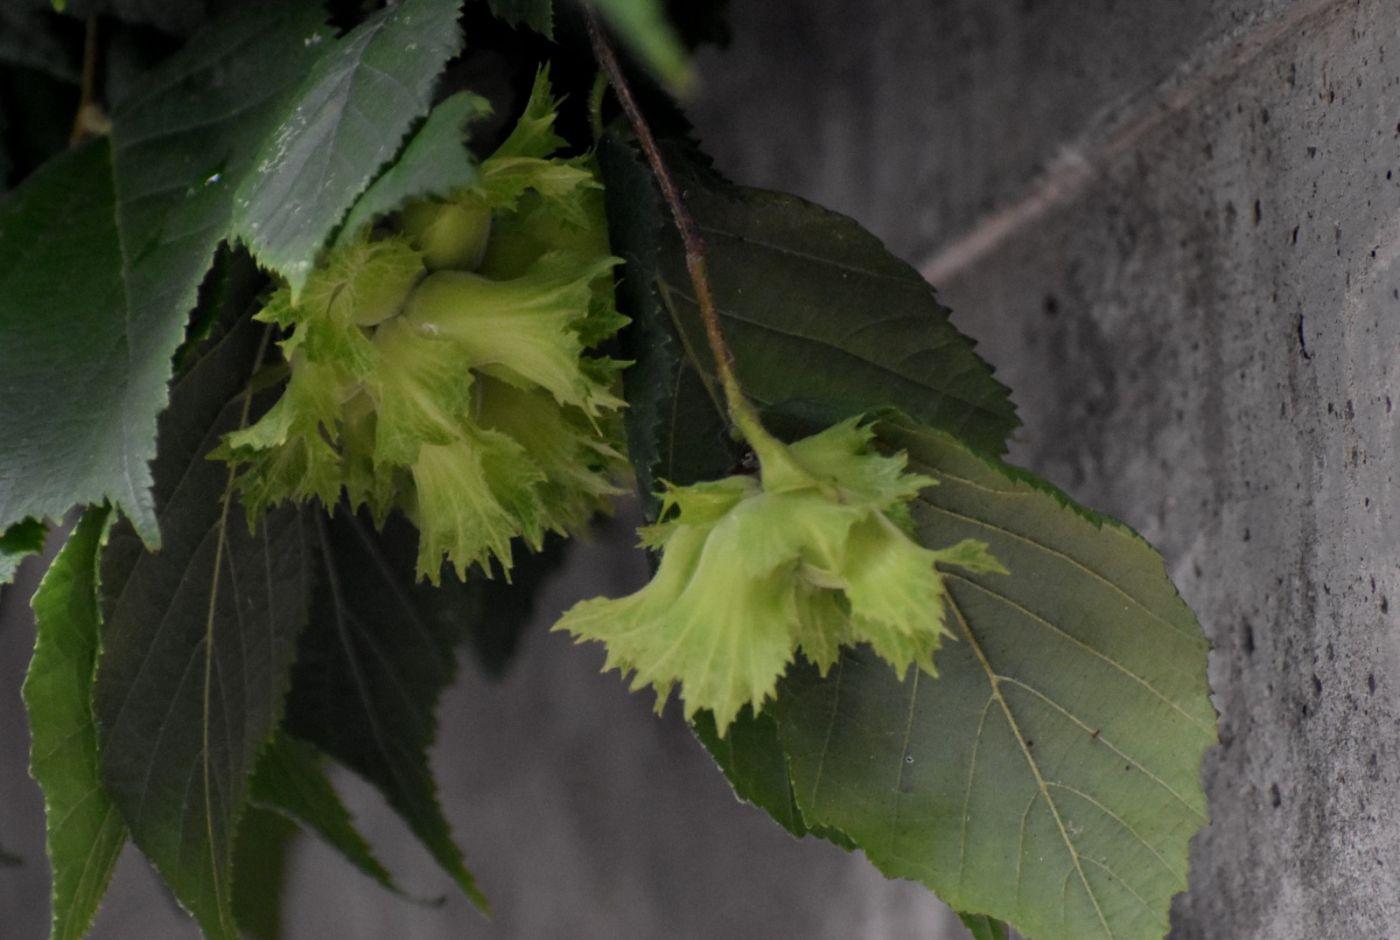 美洲榛子树开花_图1-14